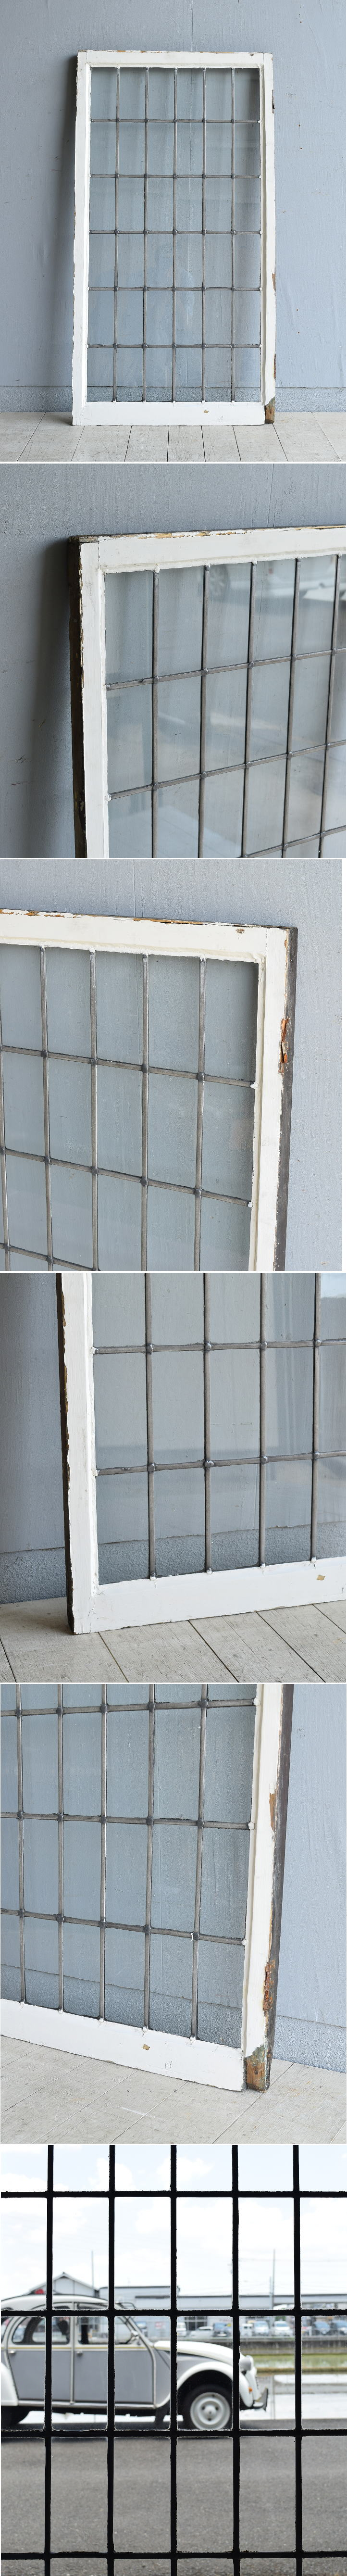 イギリス アンティーク 窓 無色透明 8003